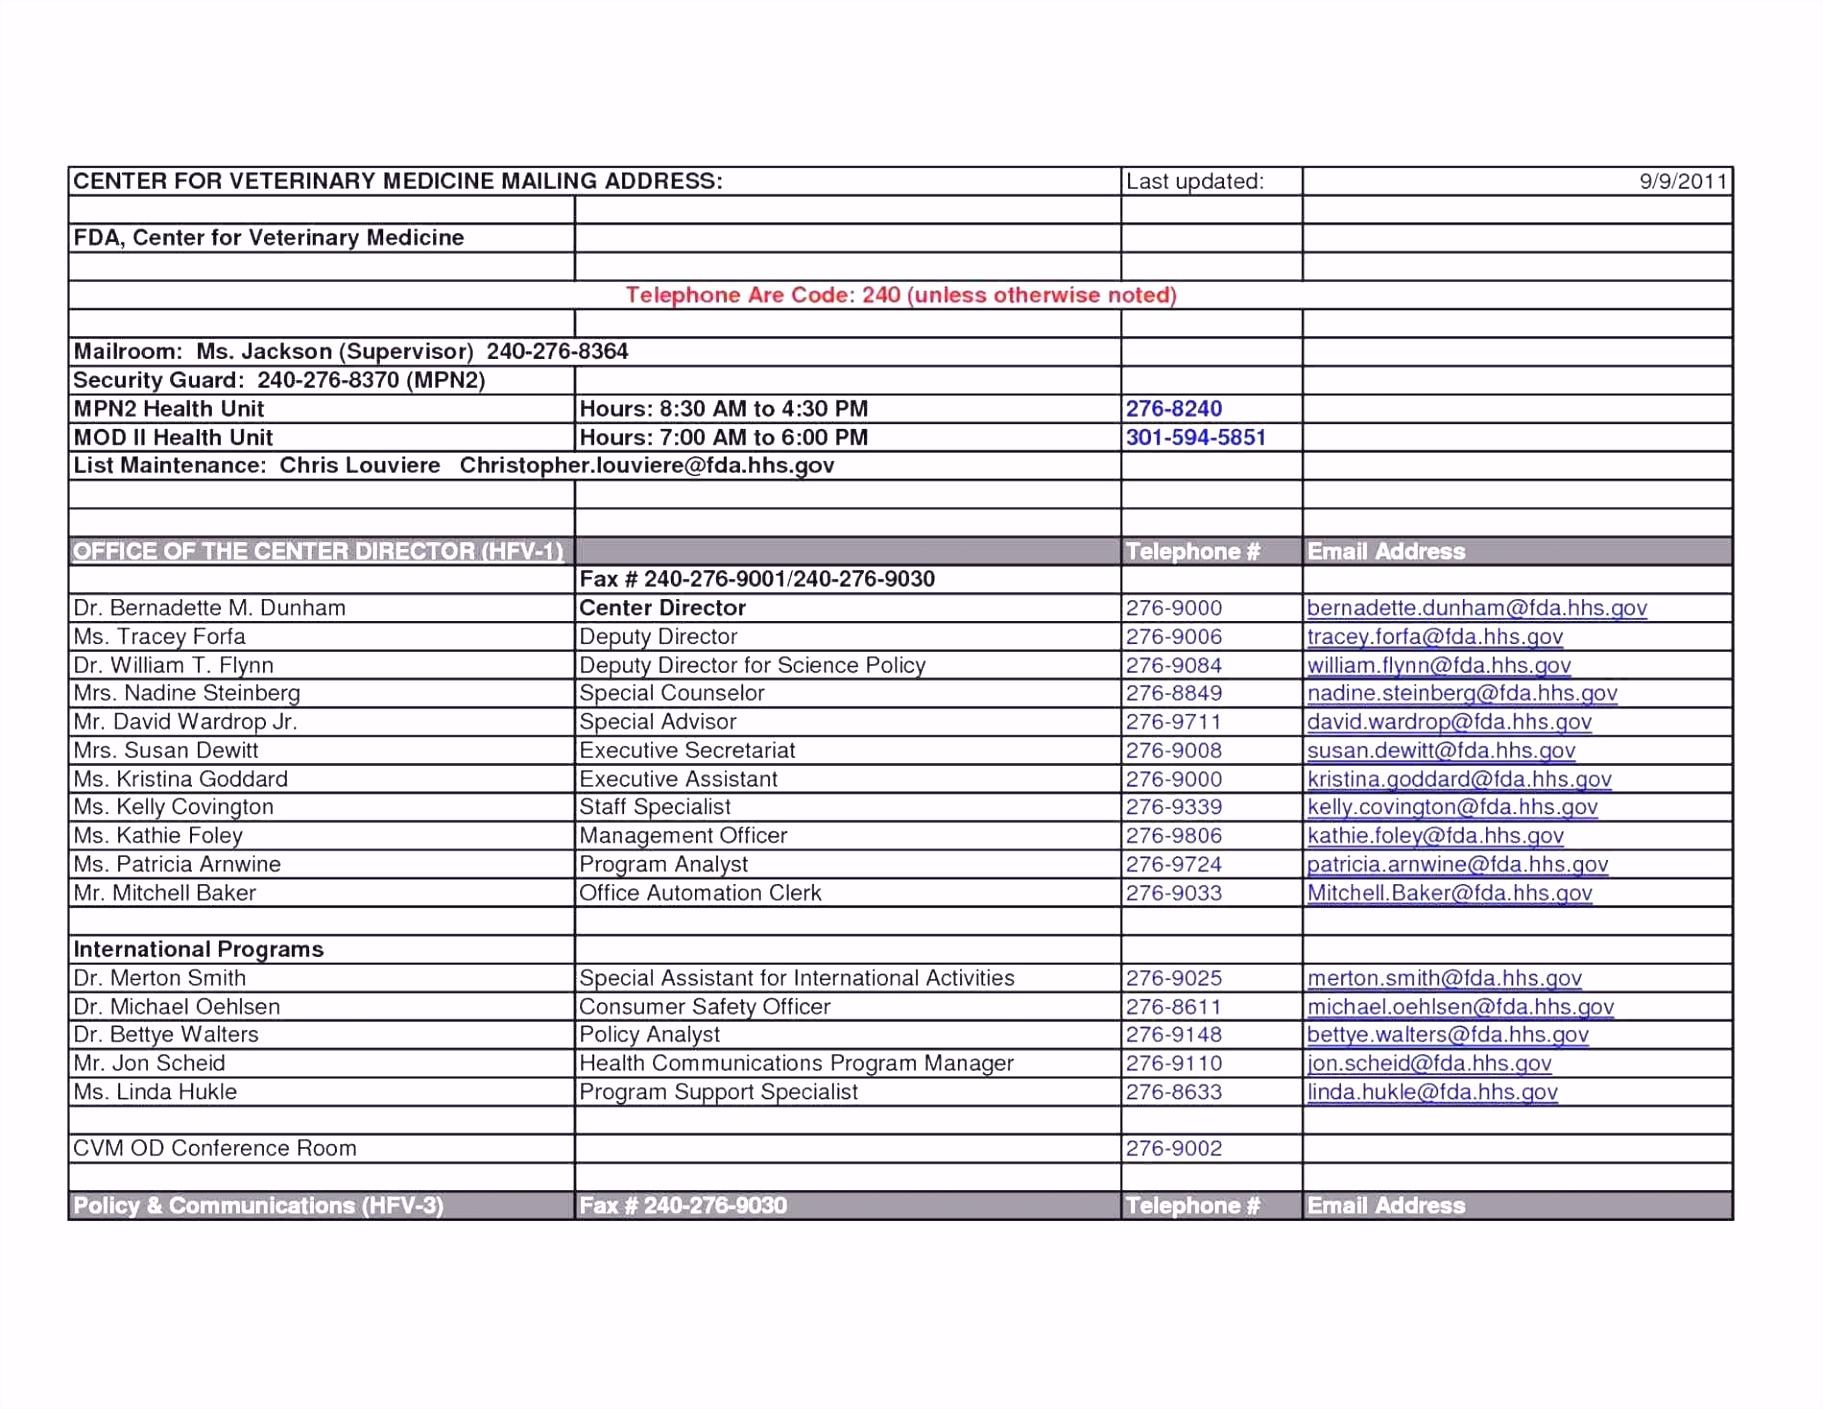 Nebenkostenabrechnung Erstellen Vorlage Besten Der Nebenkostenabrechnung Vorlage W8rr92hez7 E4zgu5jdtm